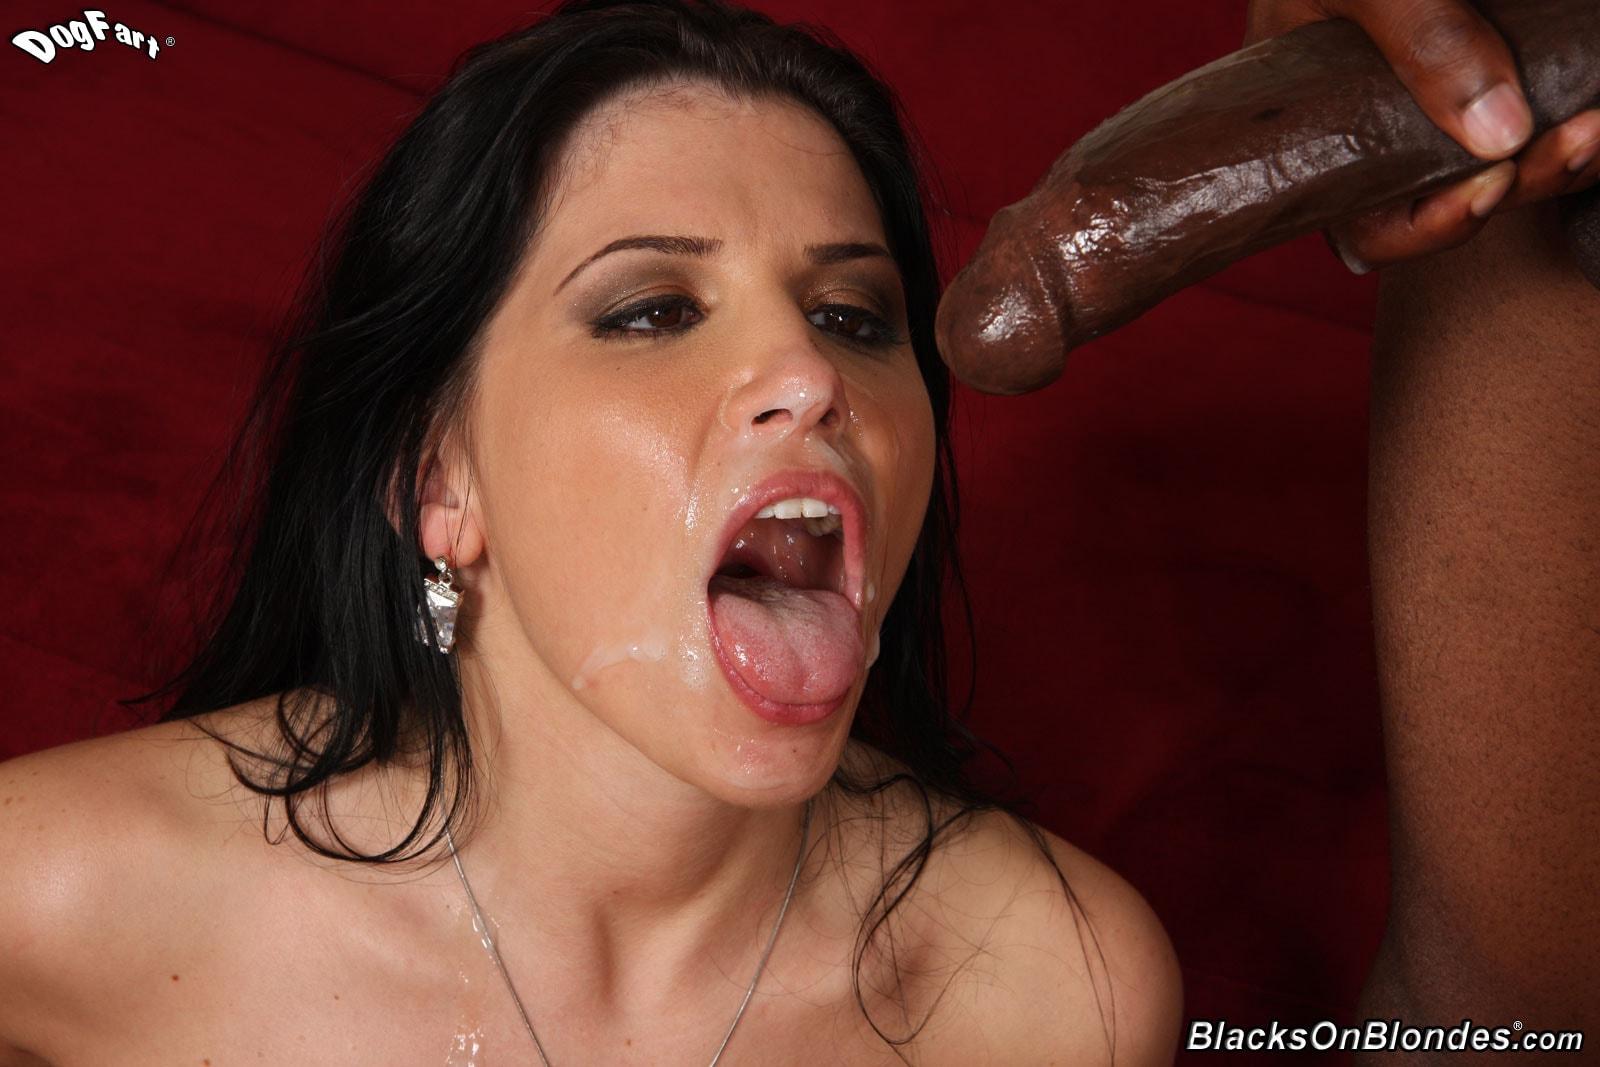 Rebecca linares porn pics fantasies, sex porn galleries